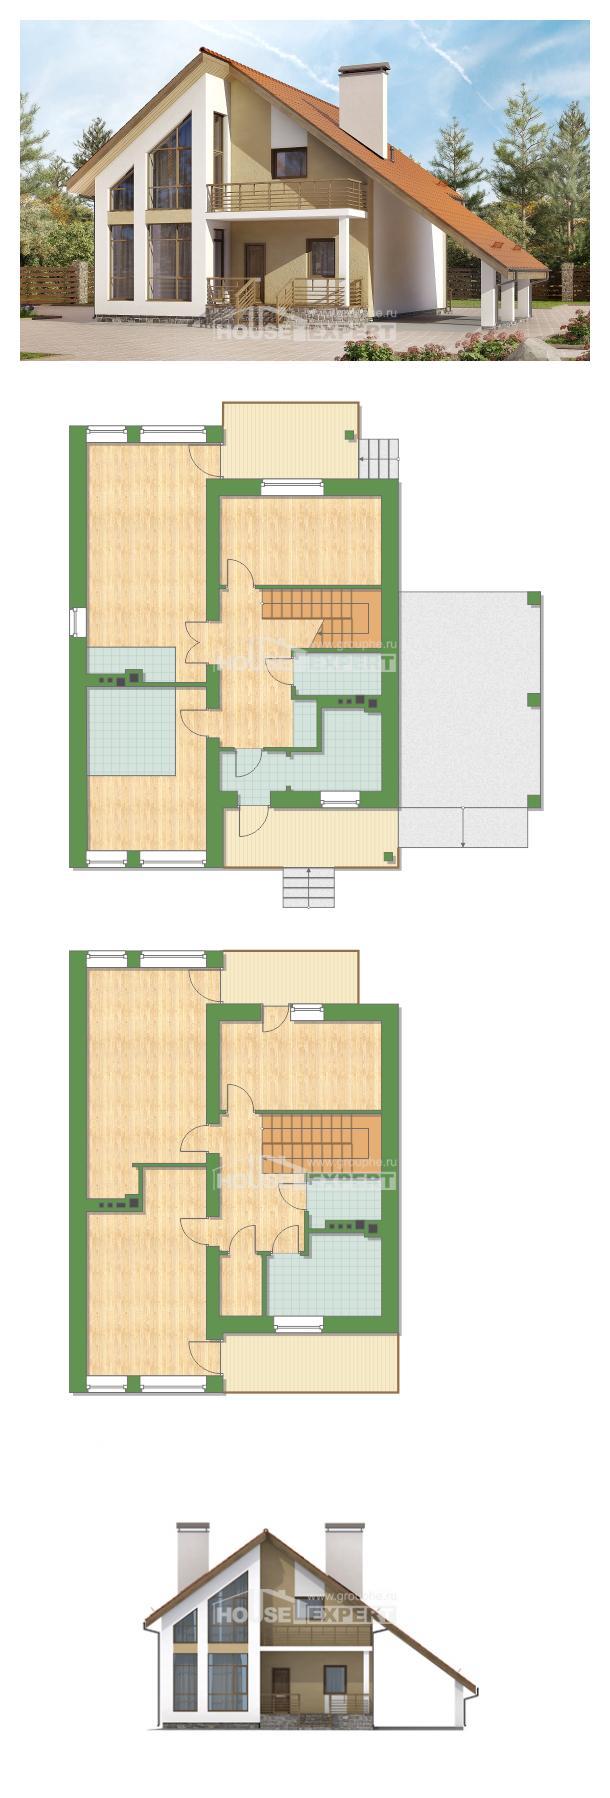 Plan 170-009-R | House Expert